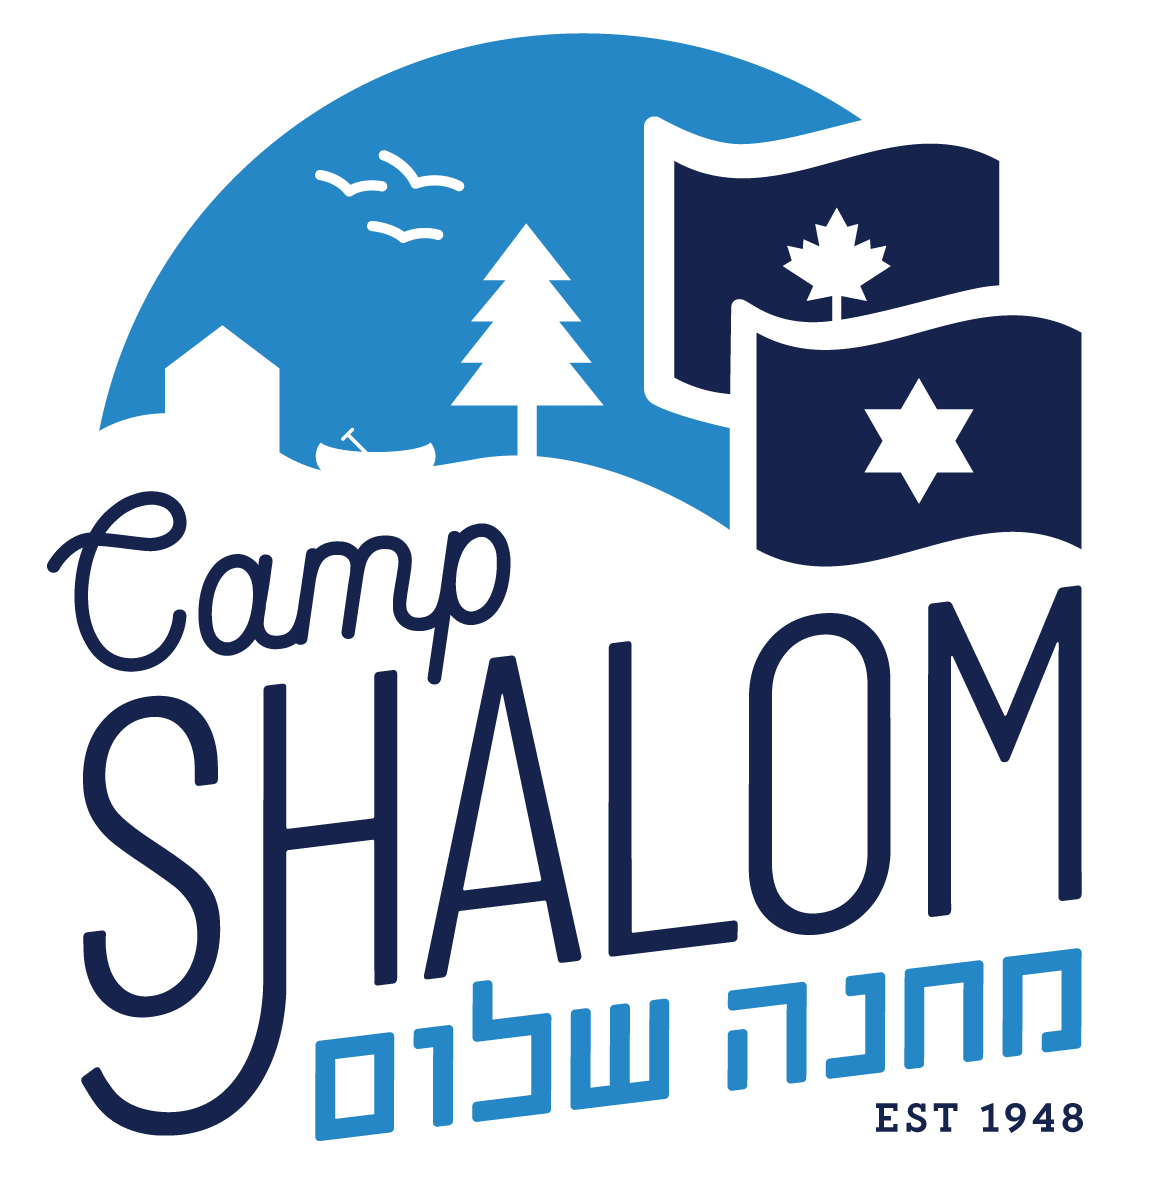 The logo for Camp Shalom